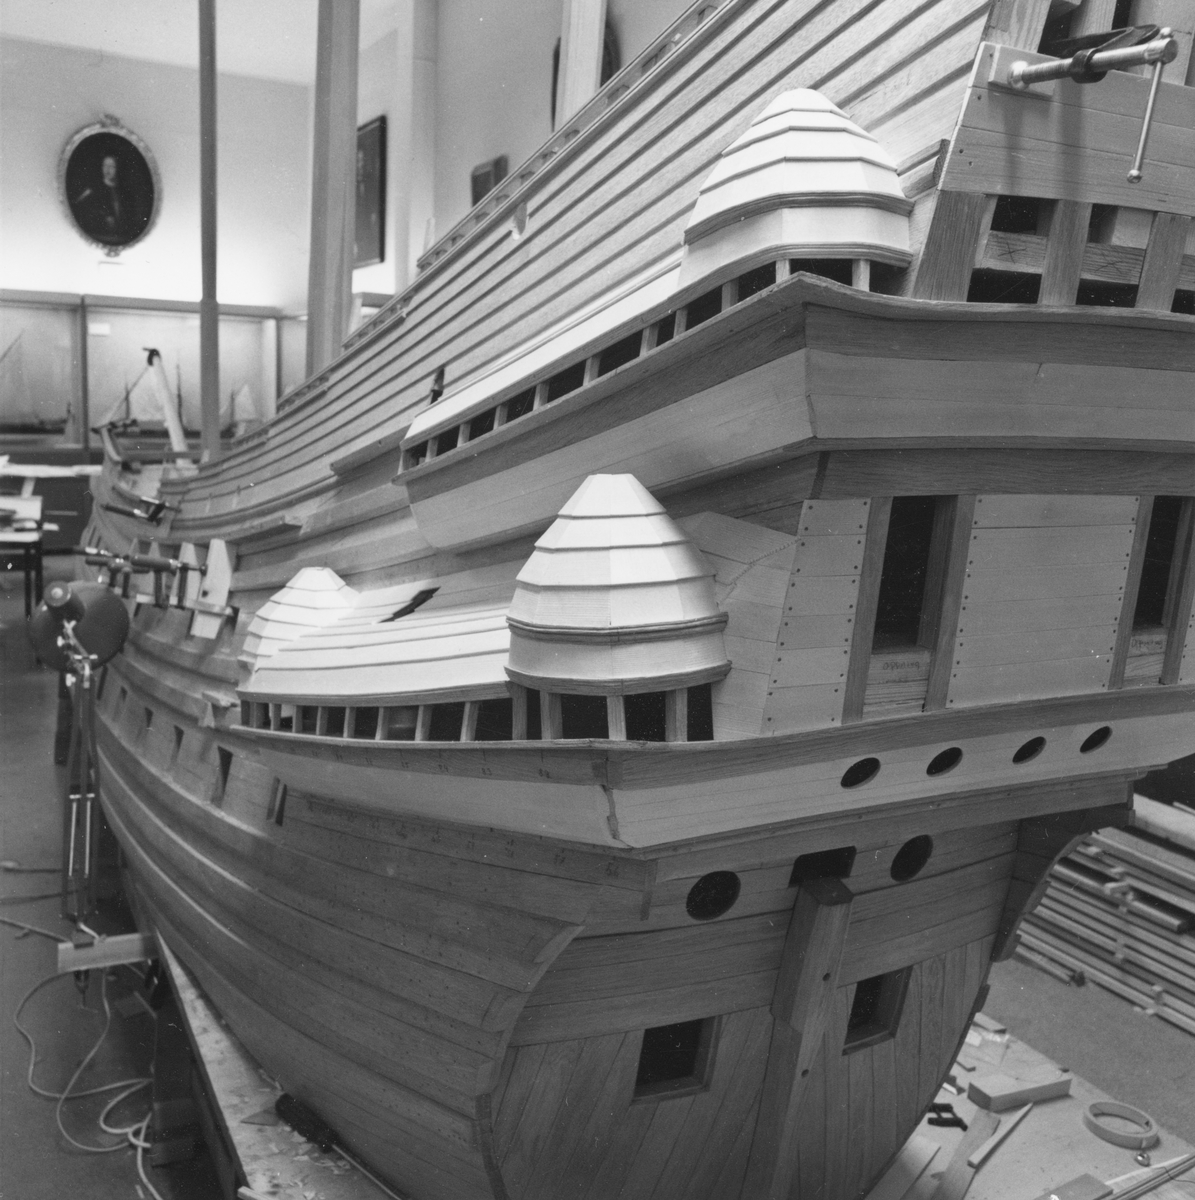 Vasamodellen i skala 1:10 under byggnad på Sjöhistoriska museet.